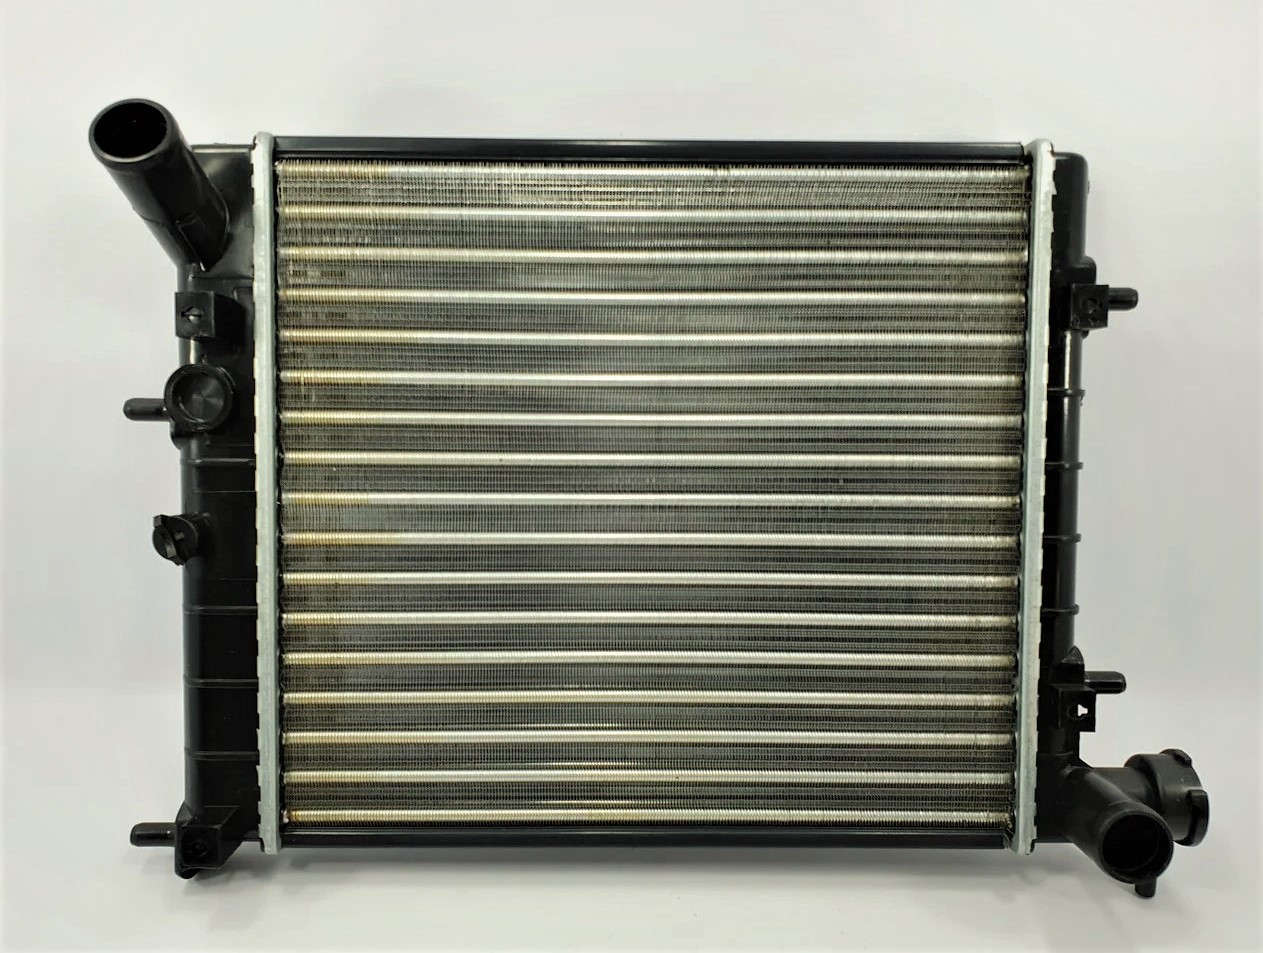 Радіатор охолодження Hyundai Accent (після 2003р.) GROG Корея